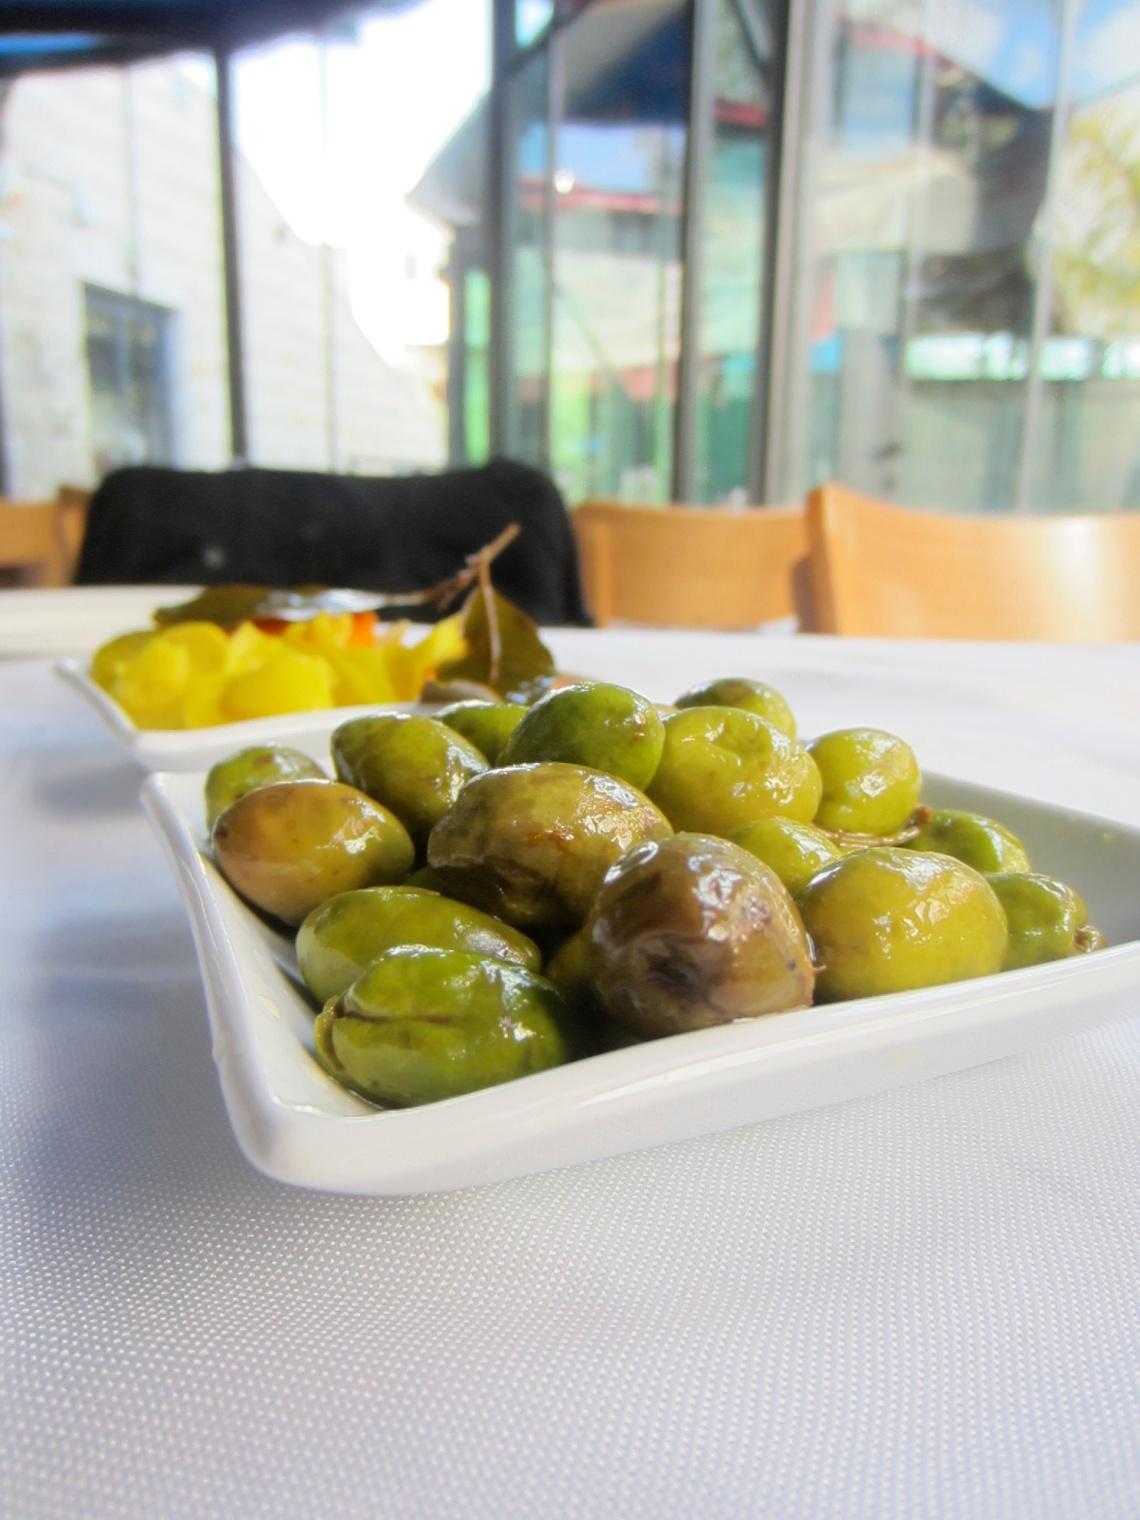 Olives served at an Arab-Israeli restaurant outside of Jerusalem